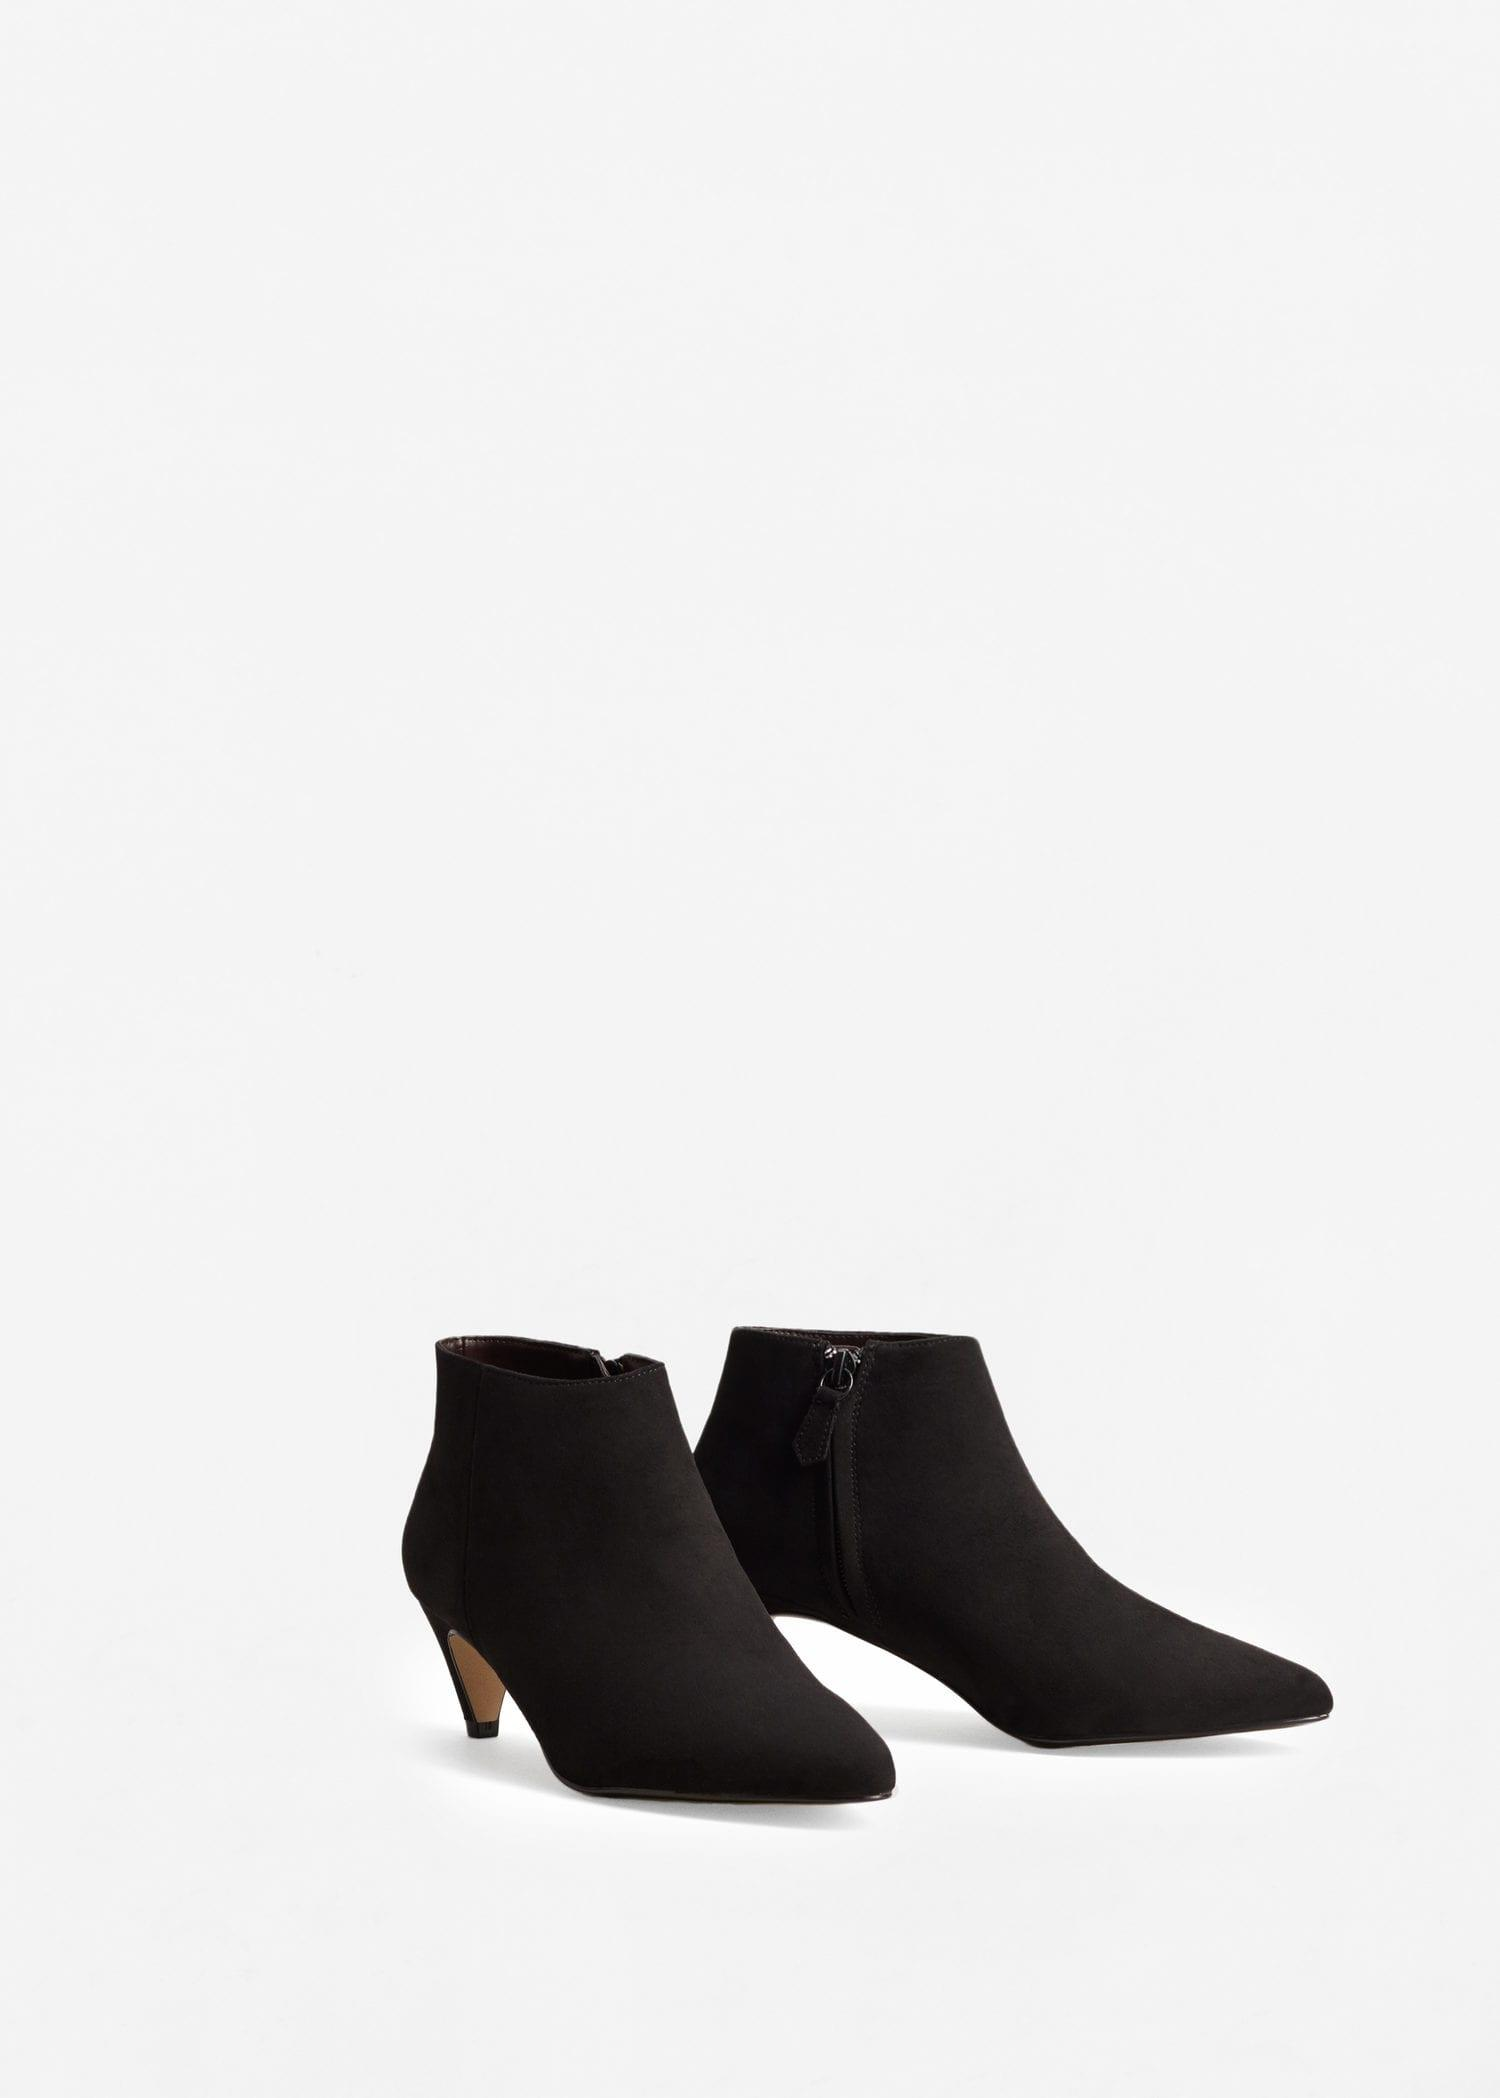 Mango Synthetic Kitten Heel Ankle Boots in Black